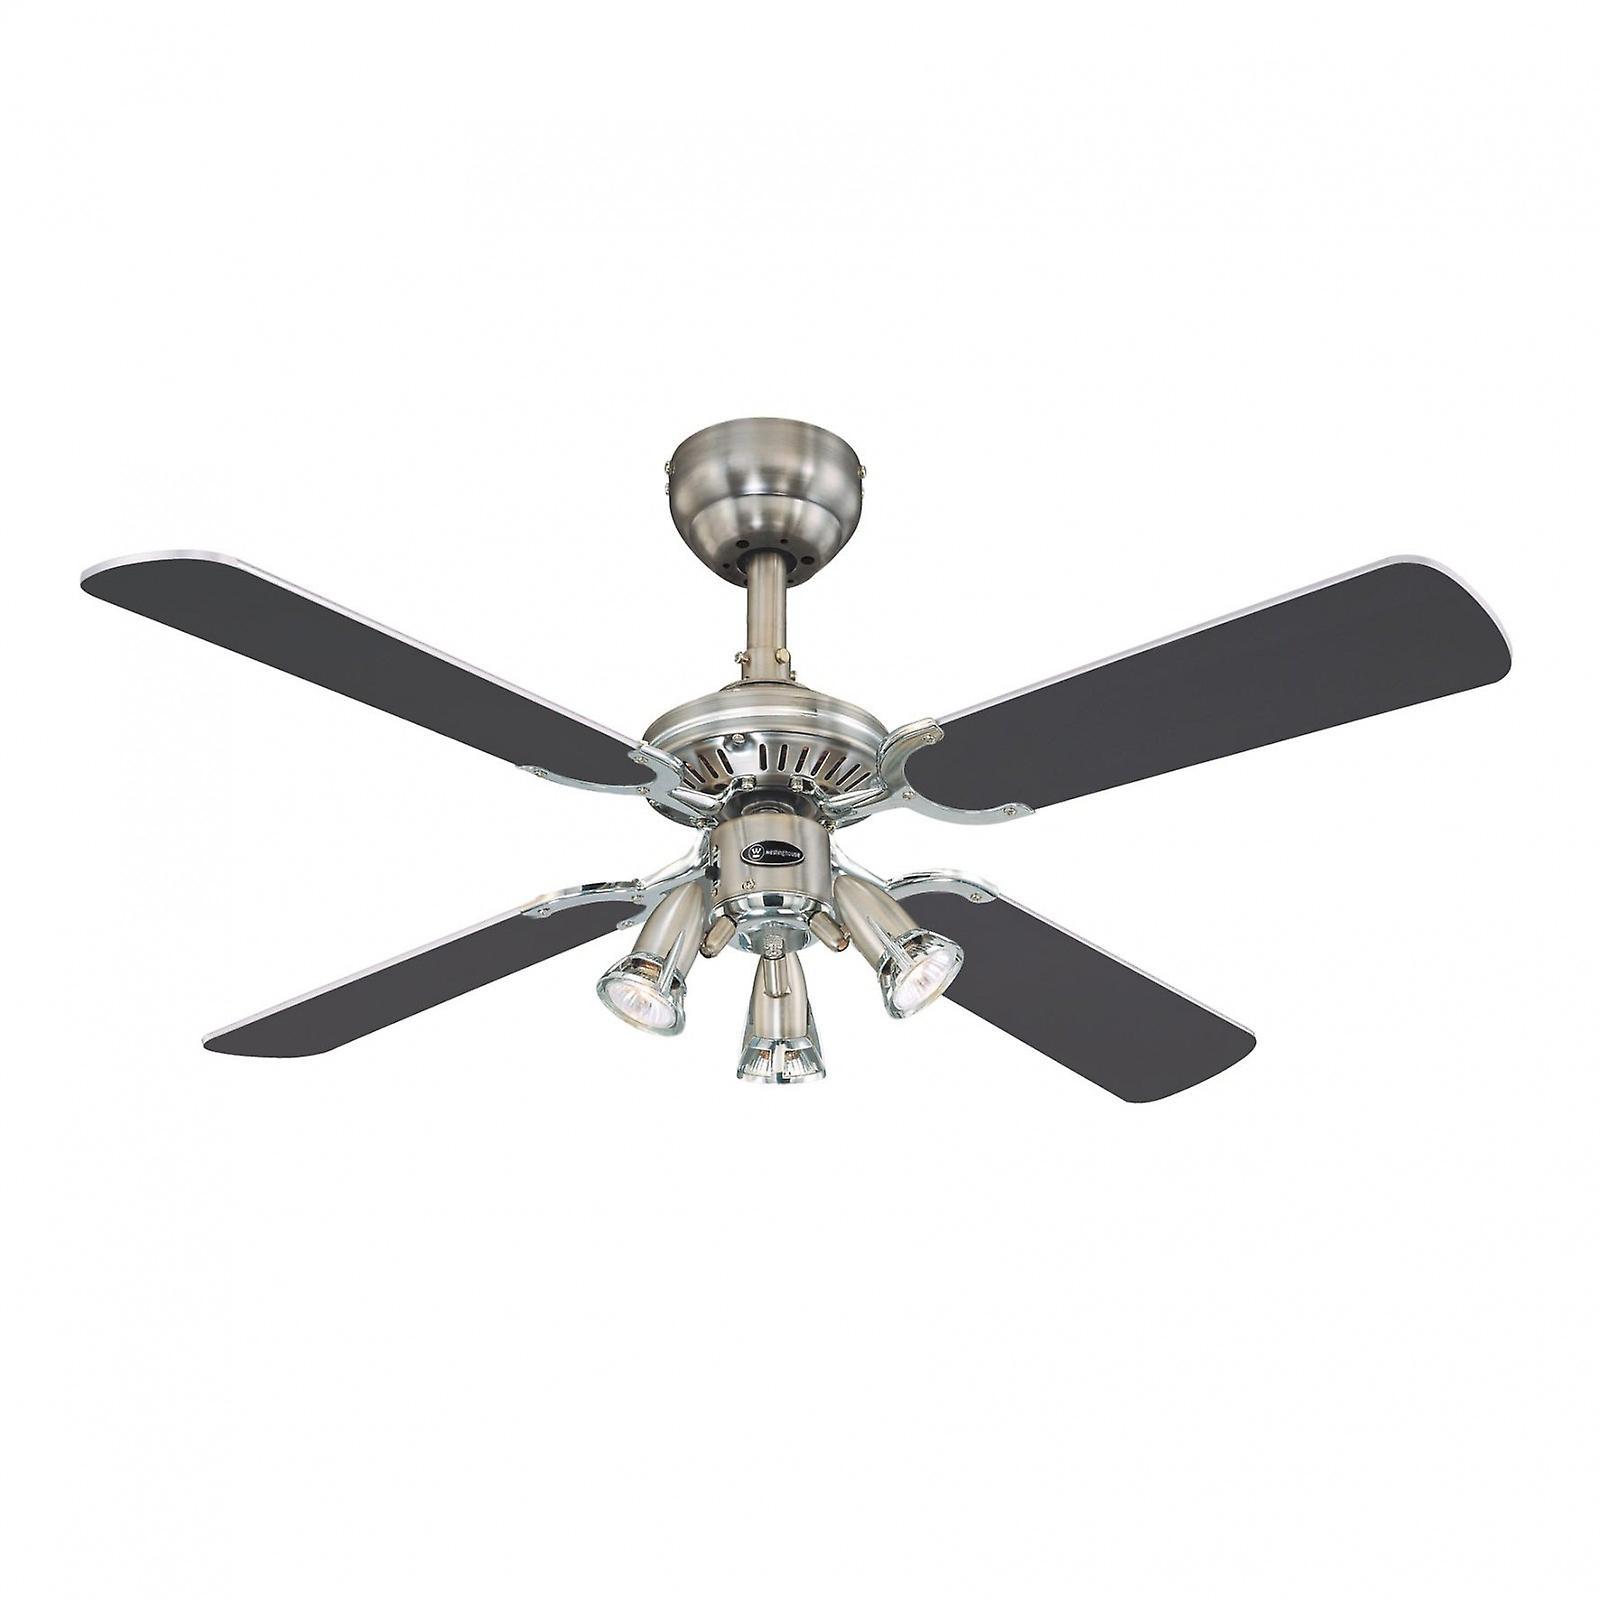 Westinghouse ceiling fan Princess Euro 105 cm / 42